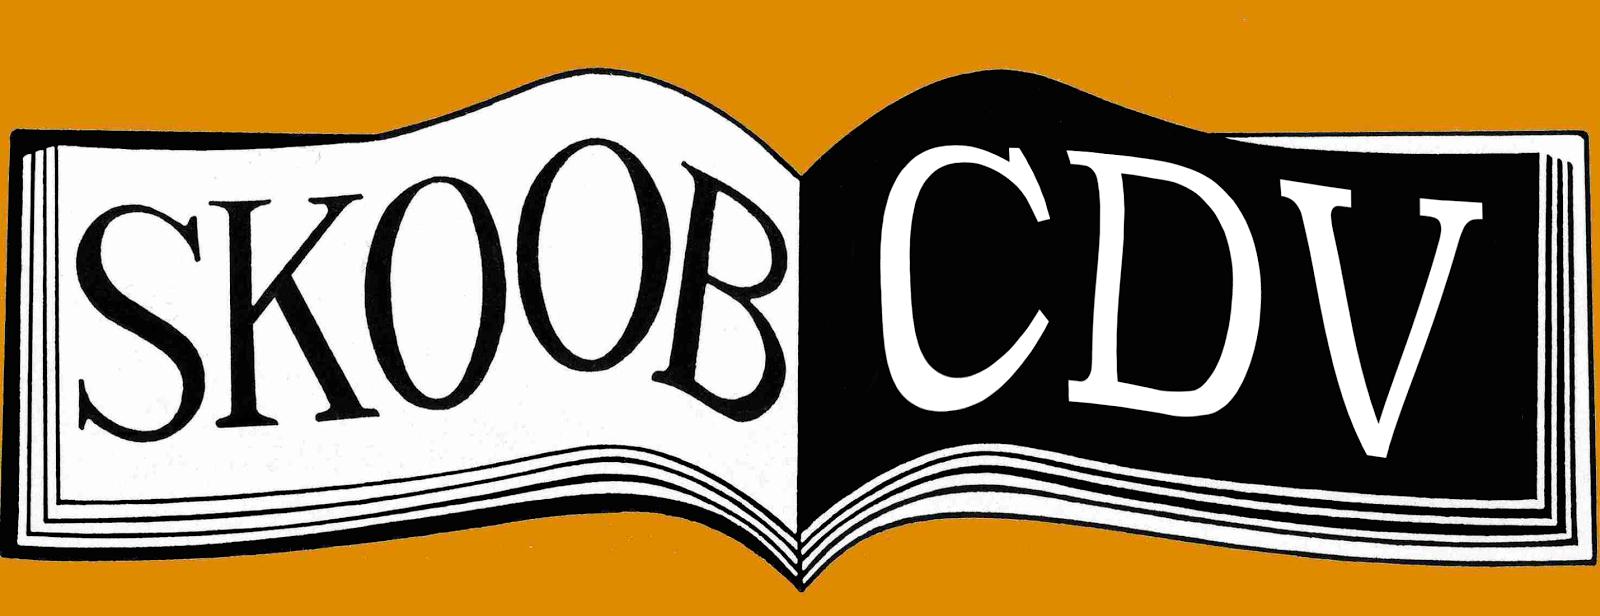 Visite a página do Clube de Vênus no Skoob!